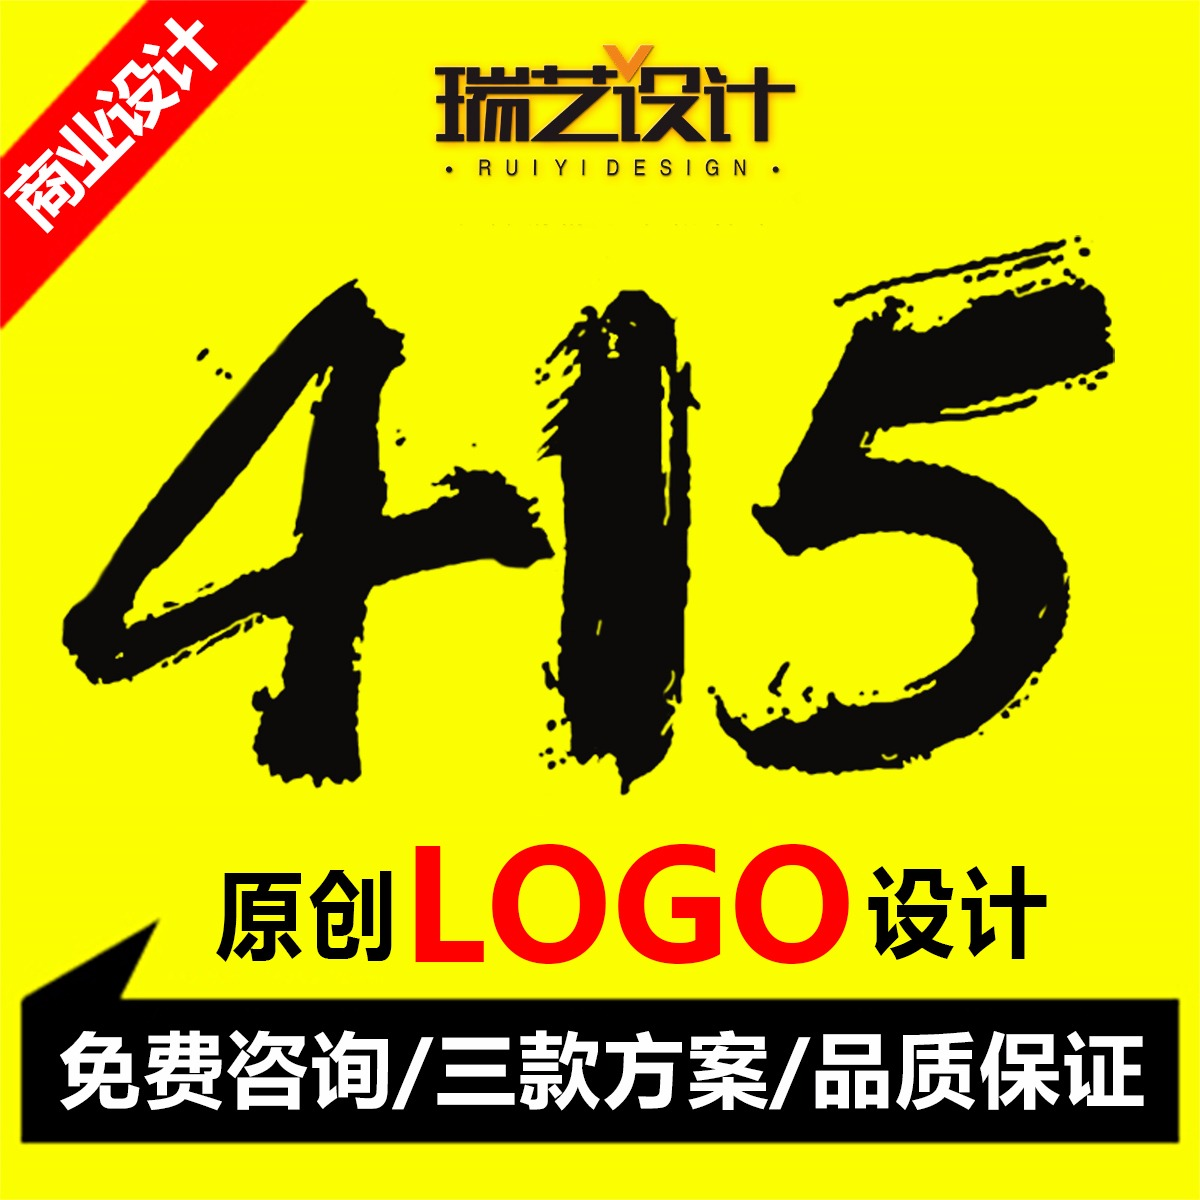 公司logo设计原创标志品牌食品门店产品商标注册vis